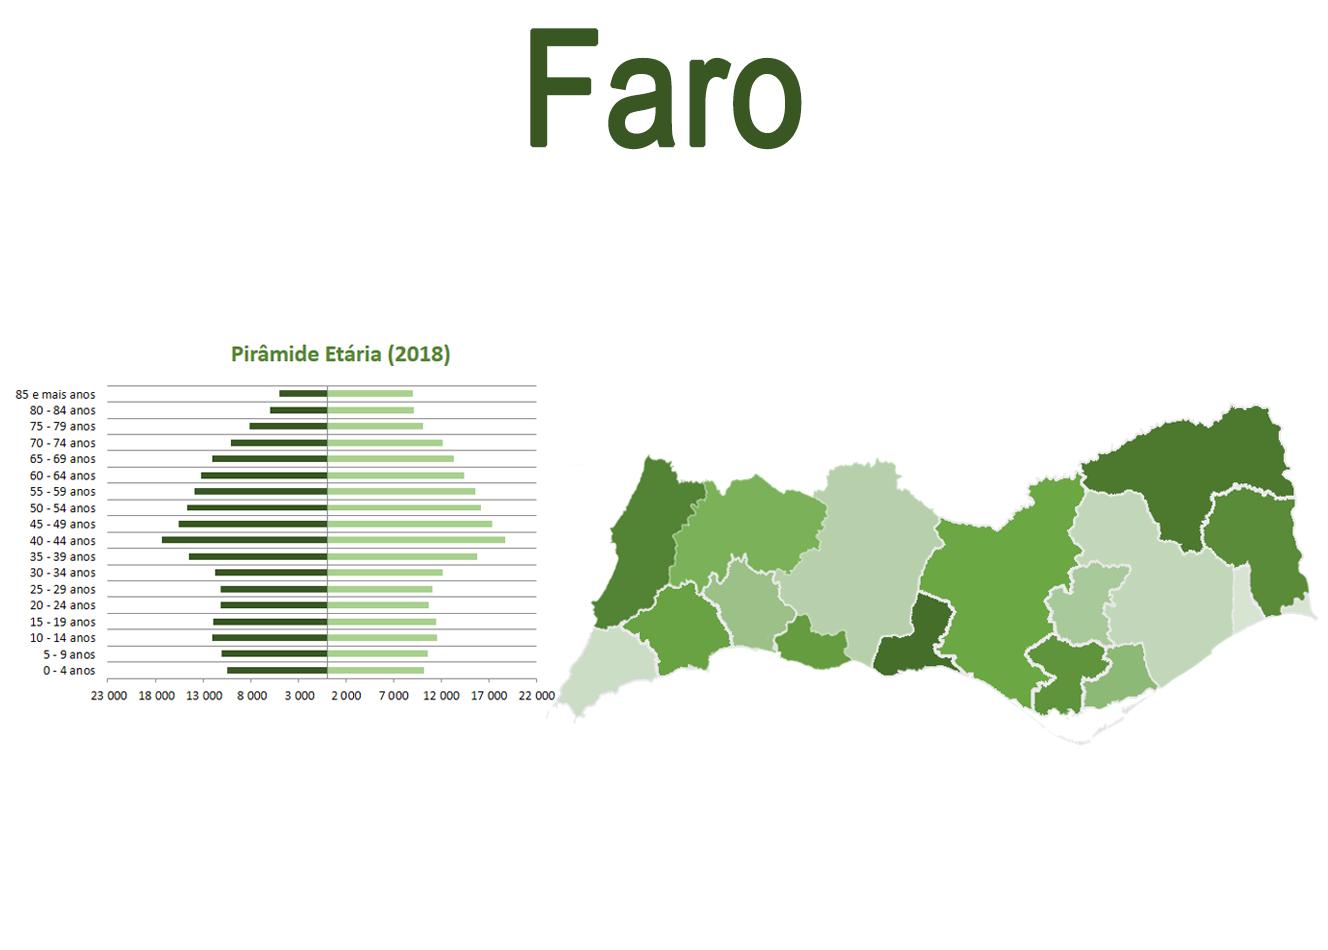 Mapa e Pirâmide etária para o distrito de Faro